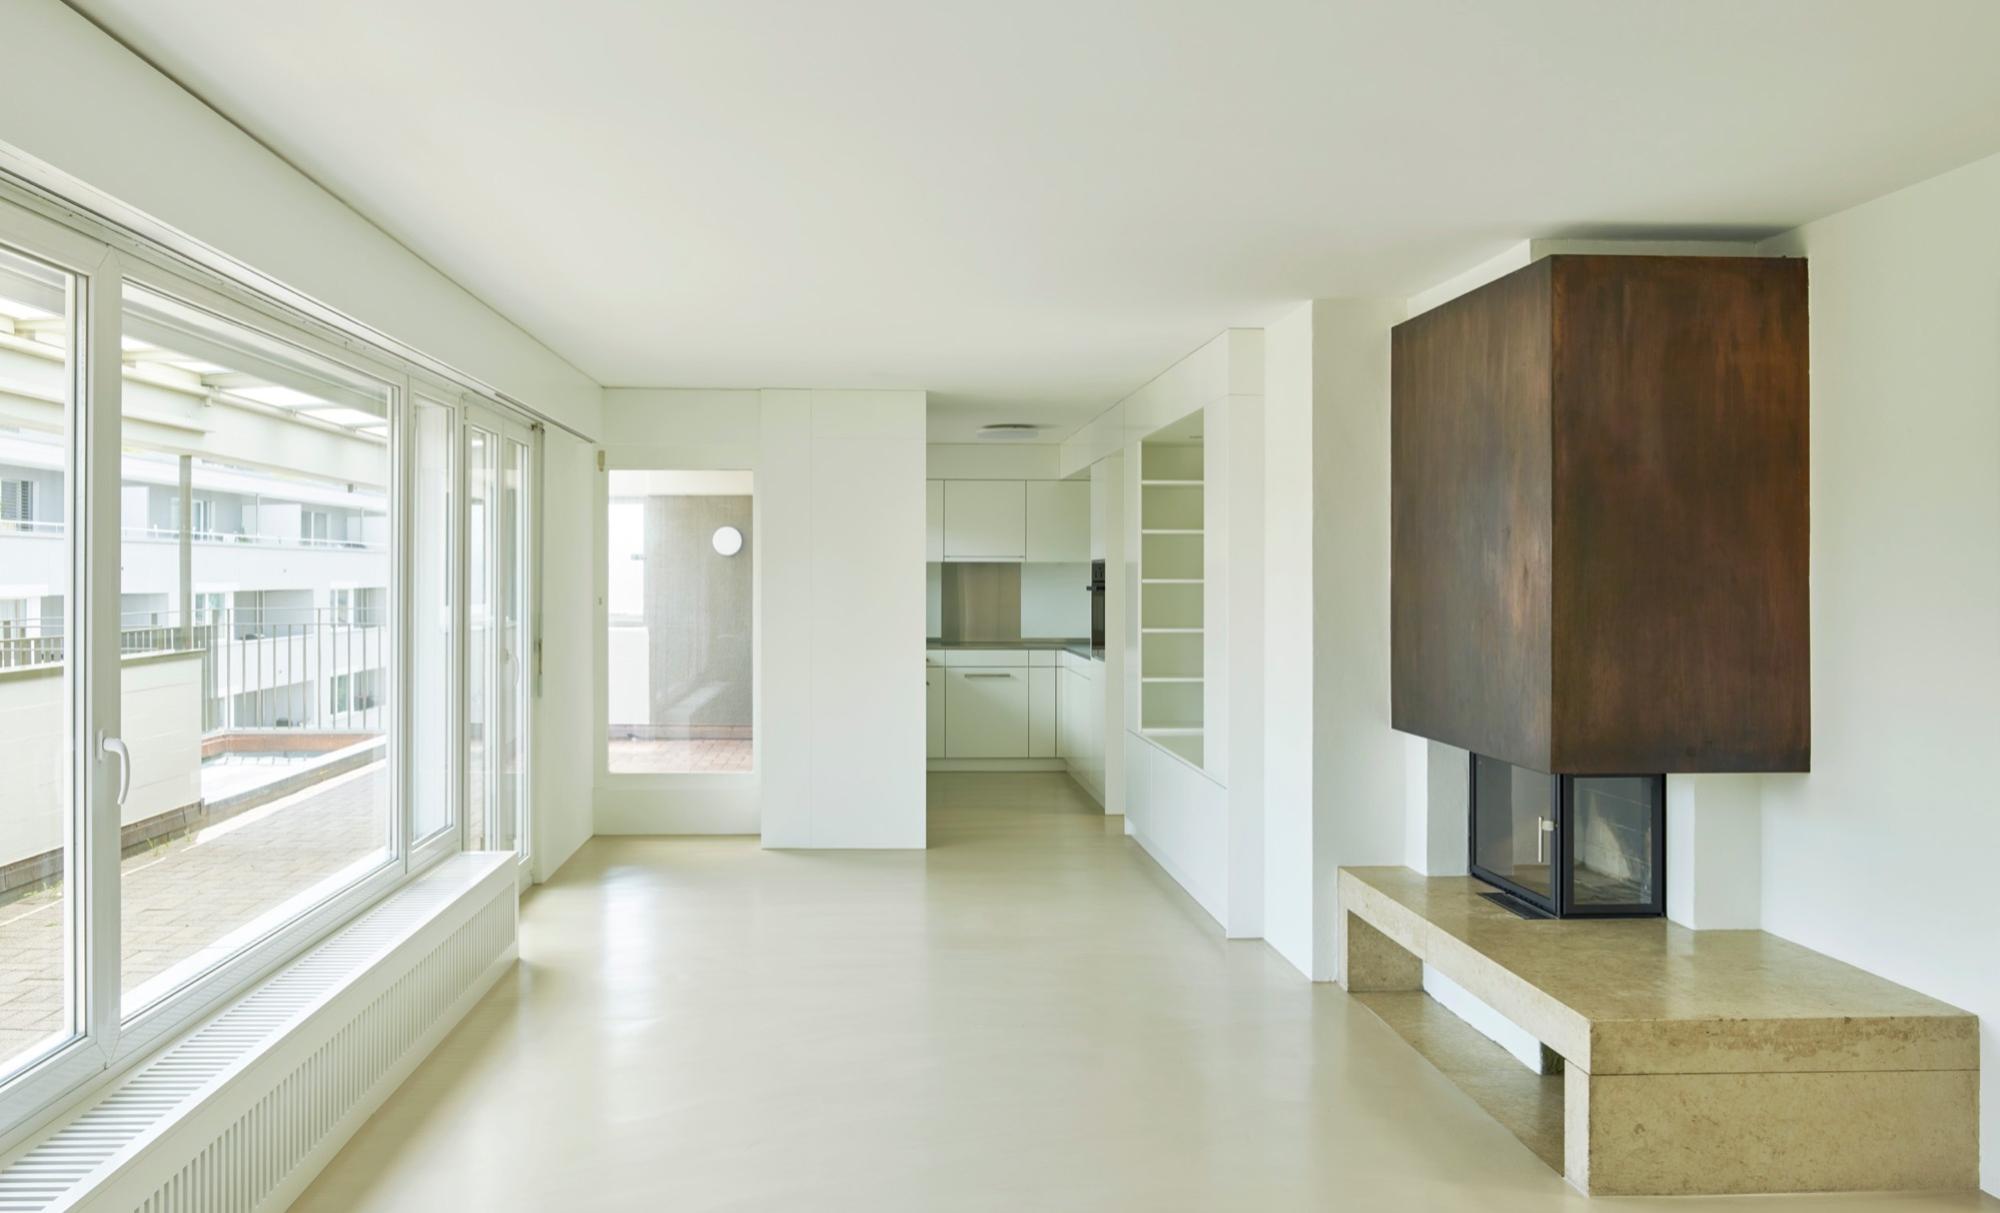 Bureau Architecture Bienne : Gls architekten ag biel bienne schweiz